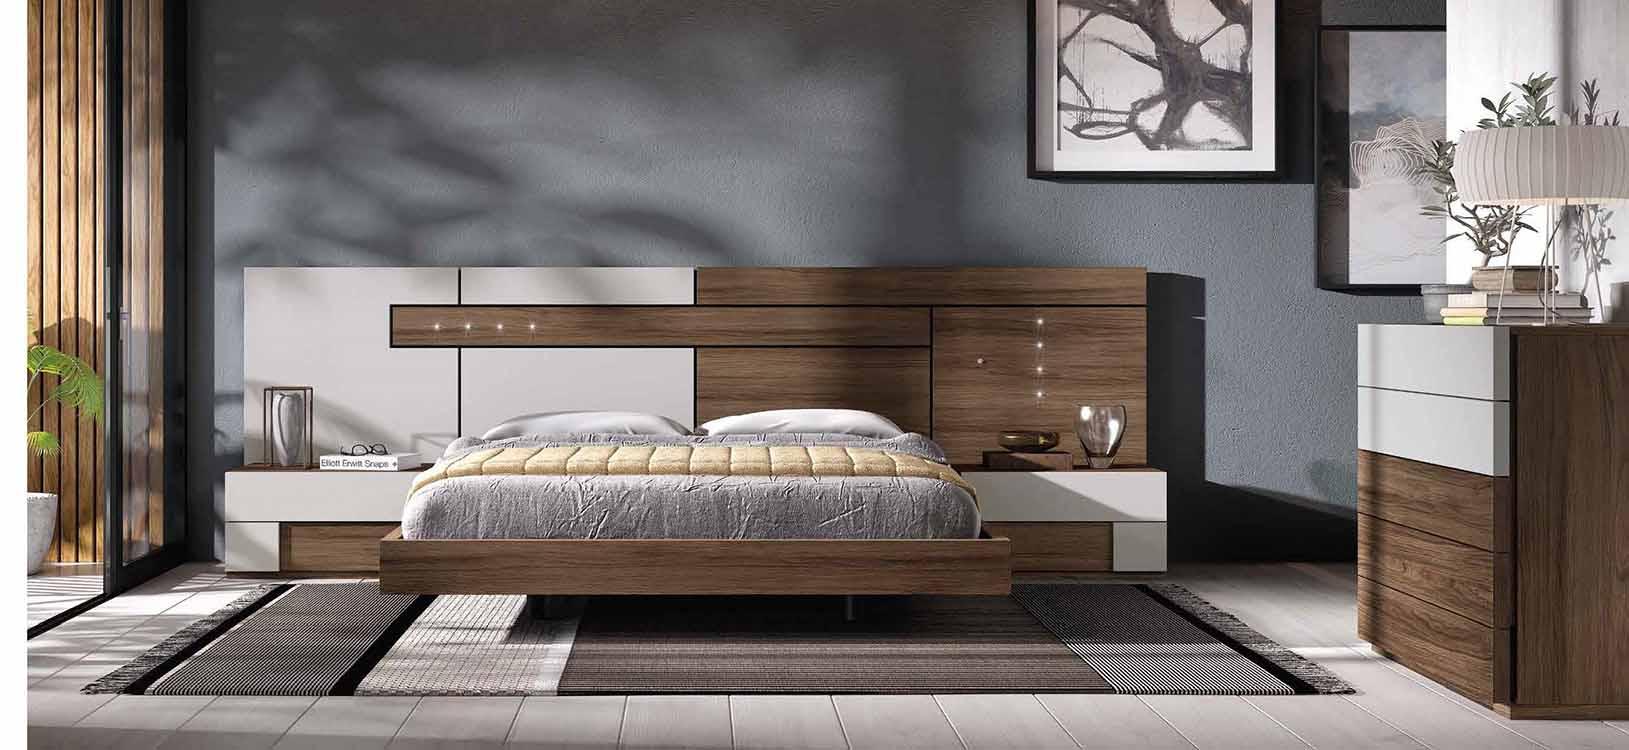 Comprar camas grandes for Ver modelos de dormitorios